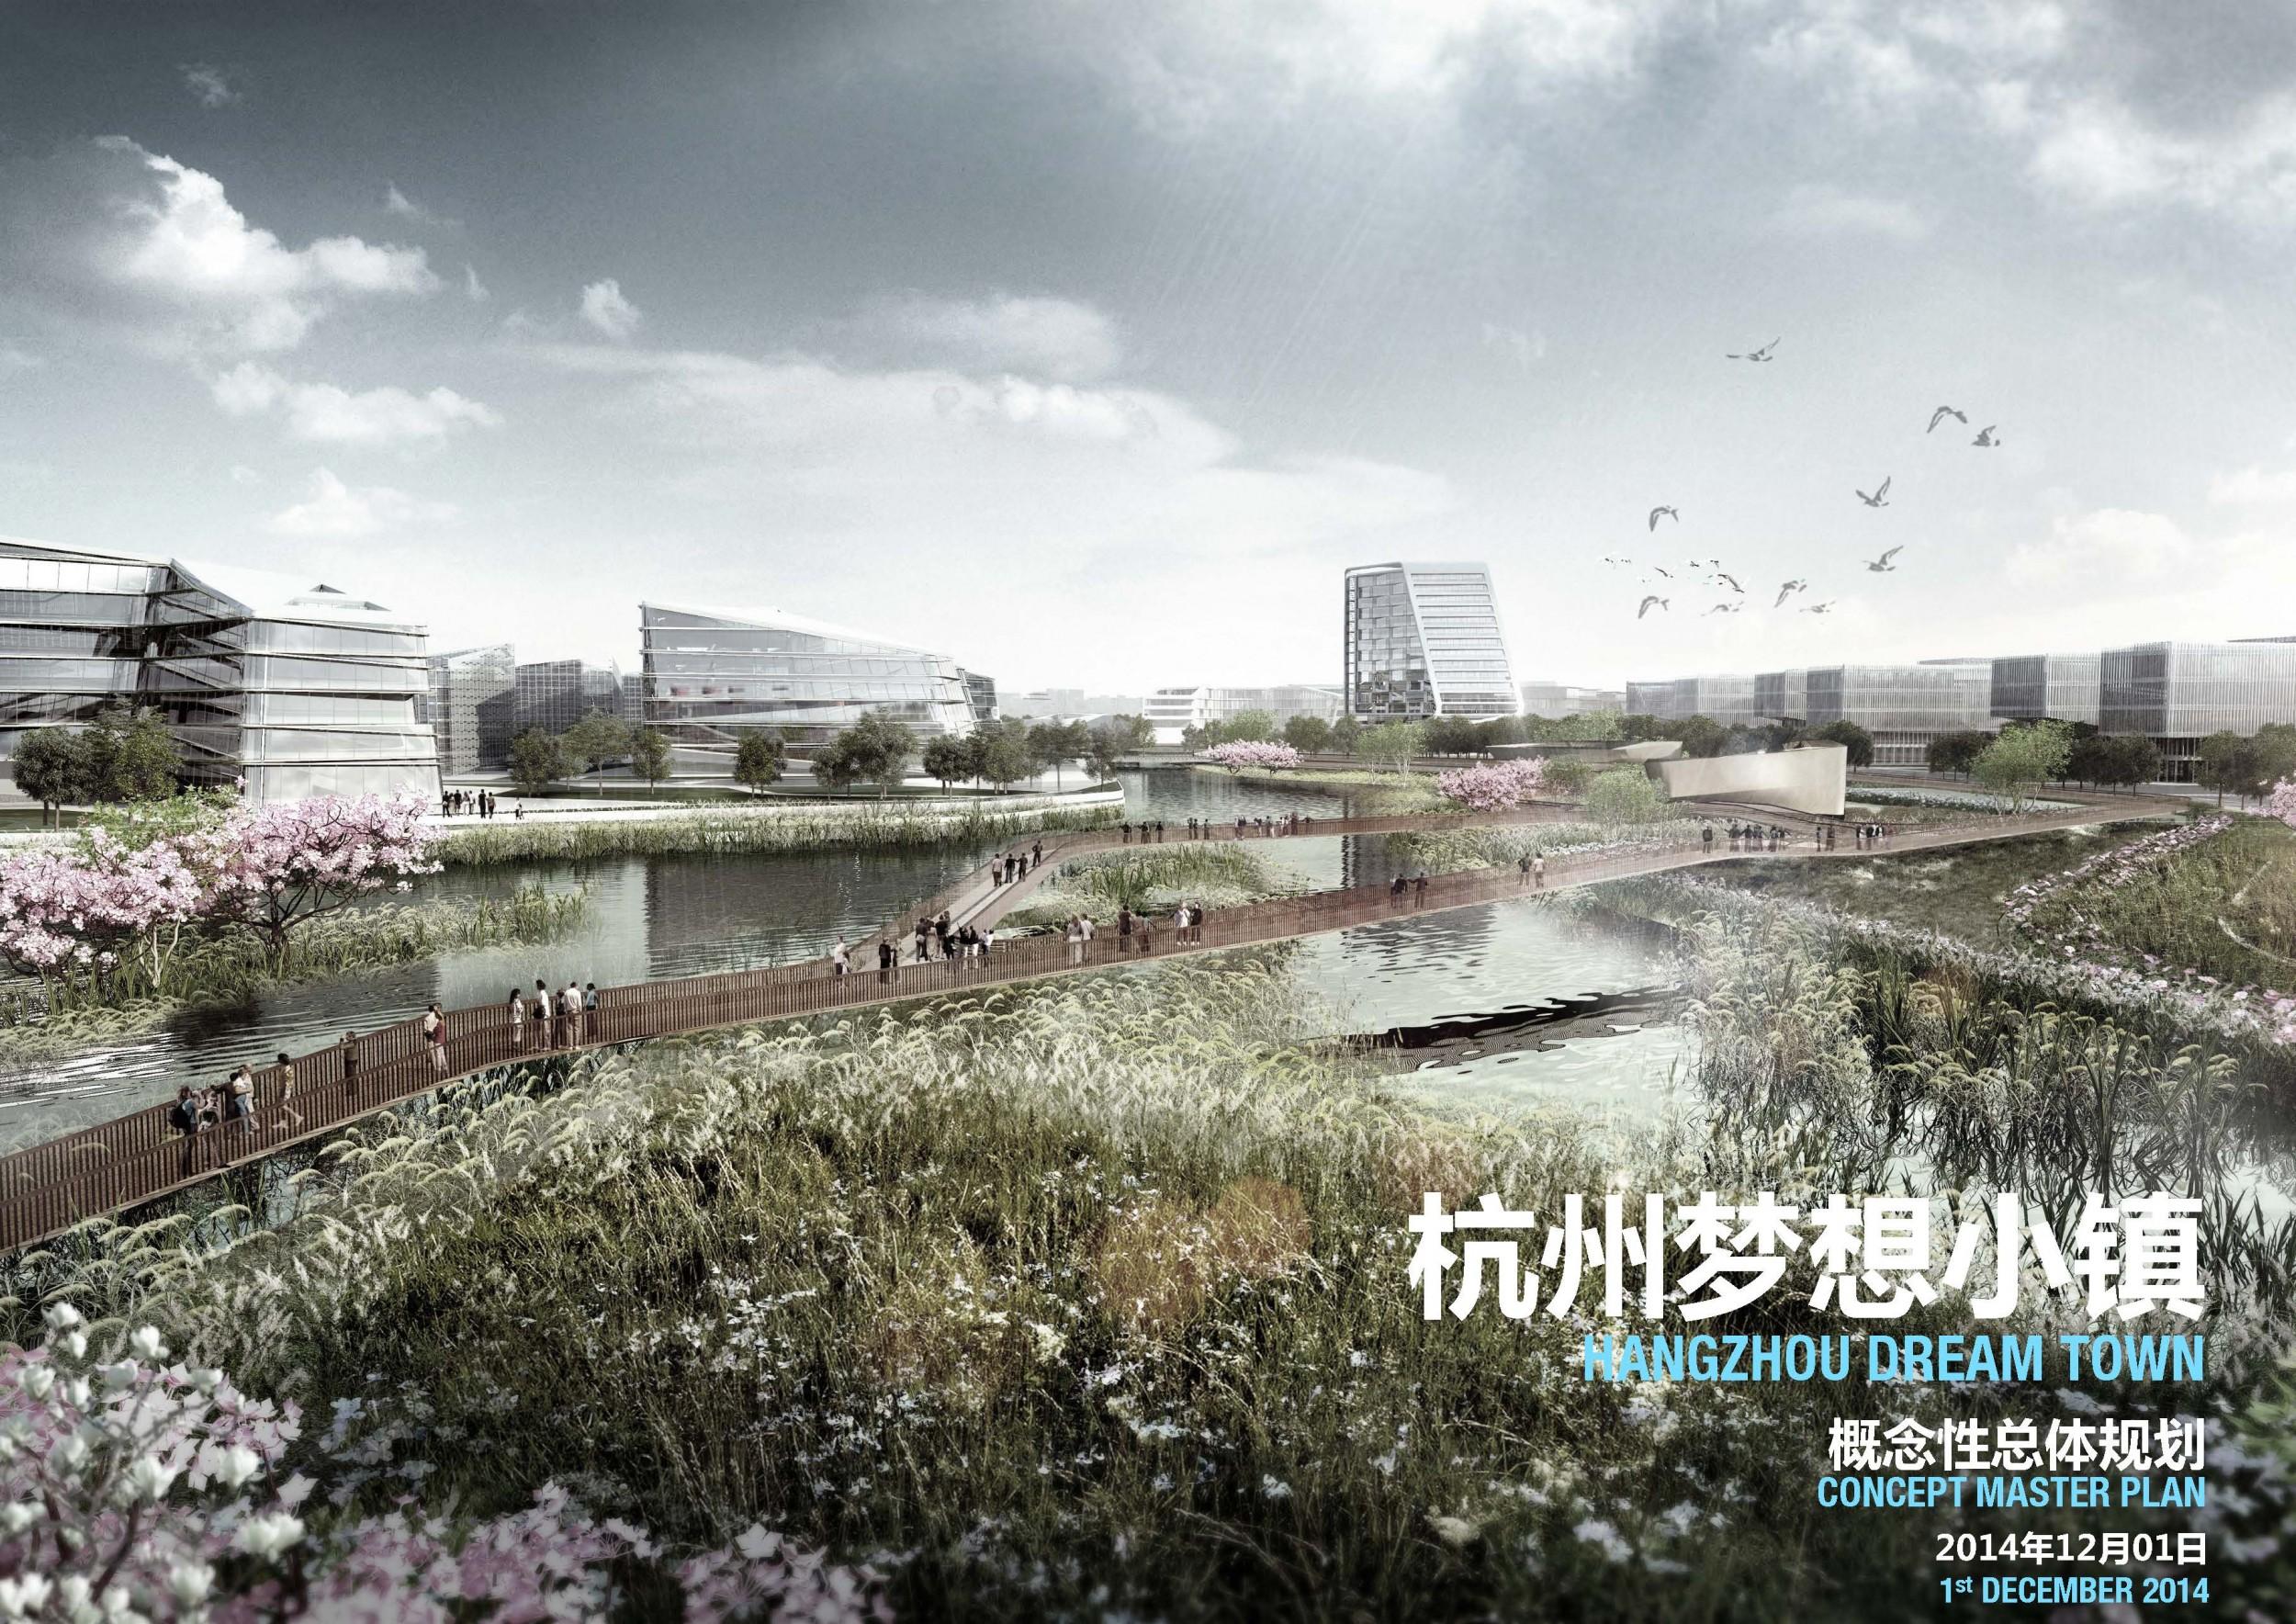 页面提取自-10杭州梦想小镇—伍兹贝格建筑设计咨询(北京)有限公司.pdf_页面_1.jpg